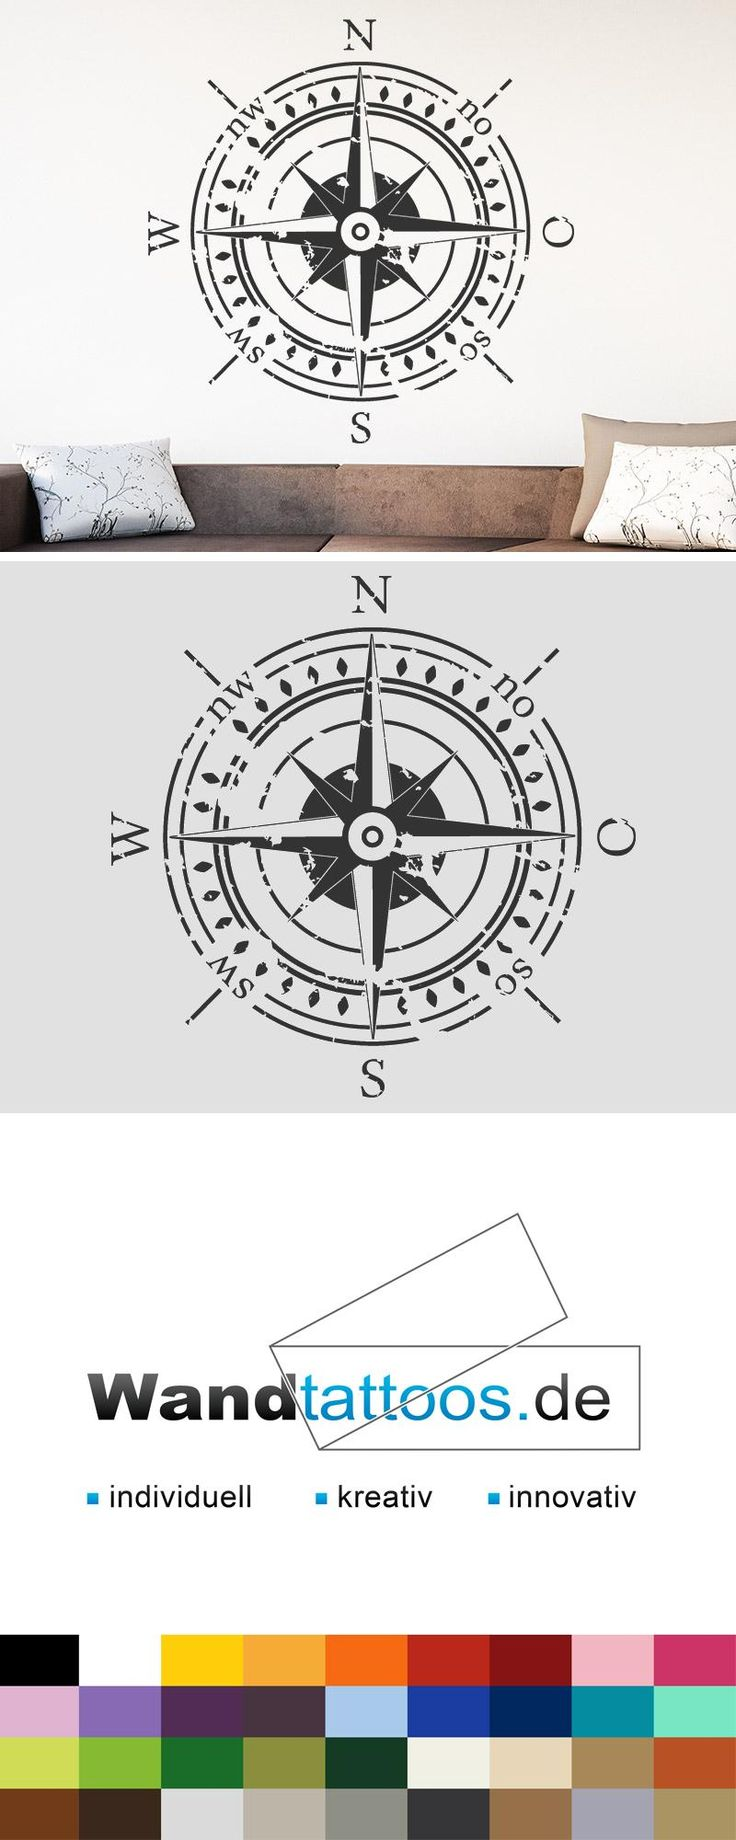 Wandtattoo Kompass als Idee zur individuellen Wandgestaltung. Einfach Lieblingsfarbe und Größe auswählen. Weitere kreative Anregungen von Wandtattoos.de hier entdecken!